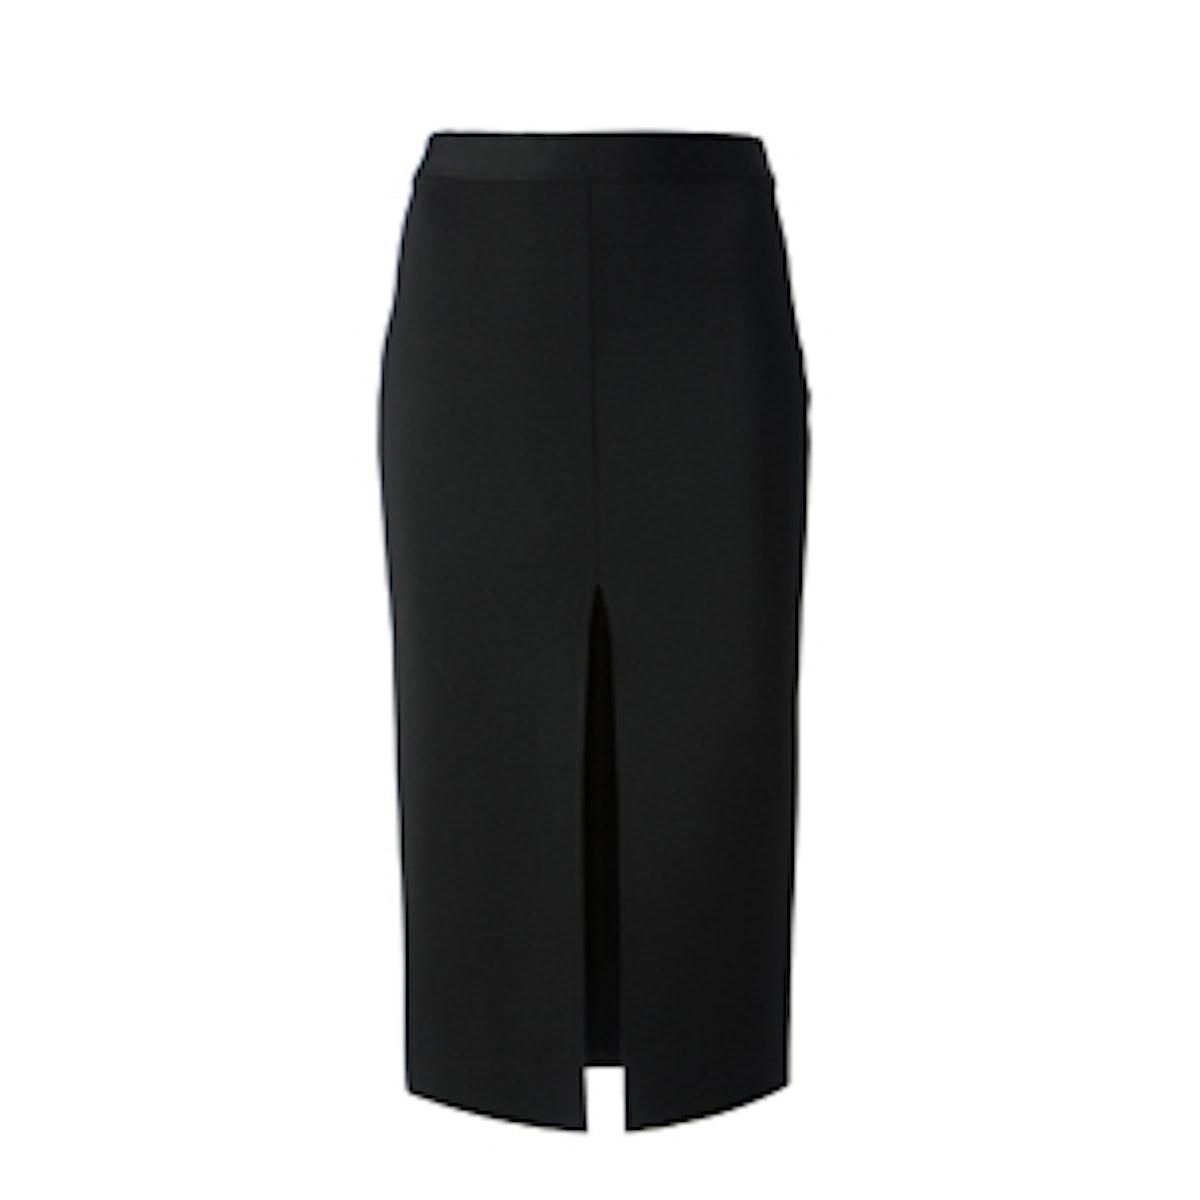 Central Slit Skirt